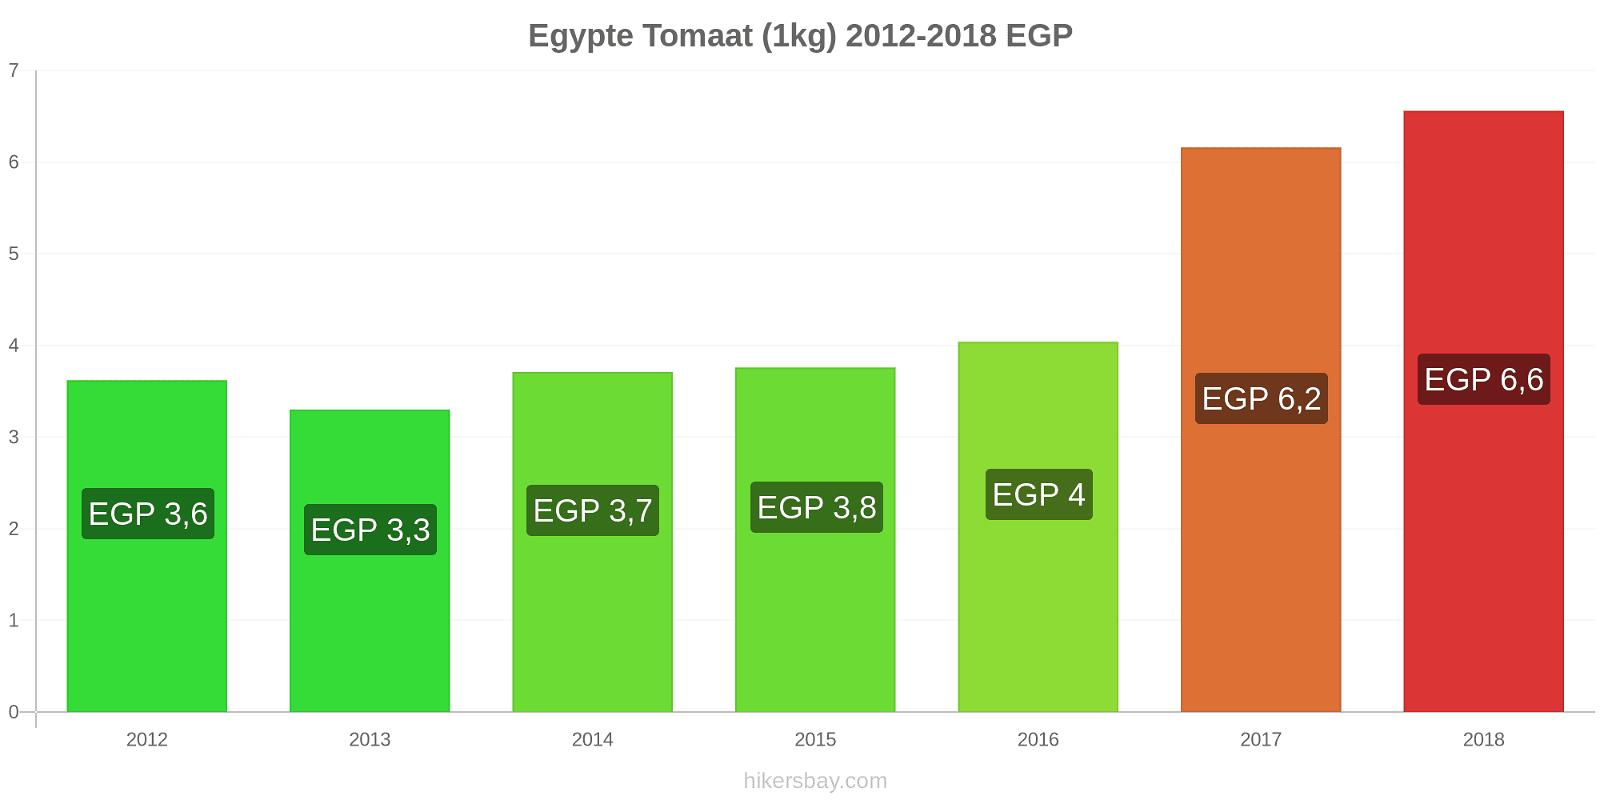 Egypte prijswijzigingen Tomaat (1kg) hikersbay.com